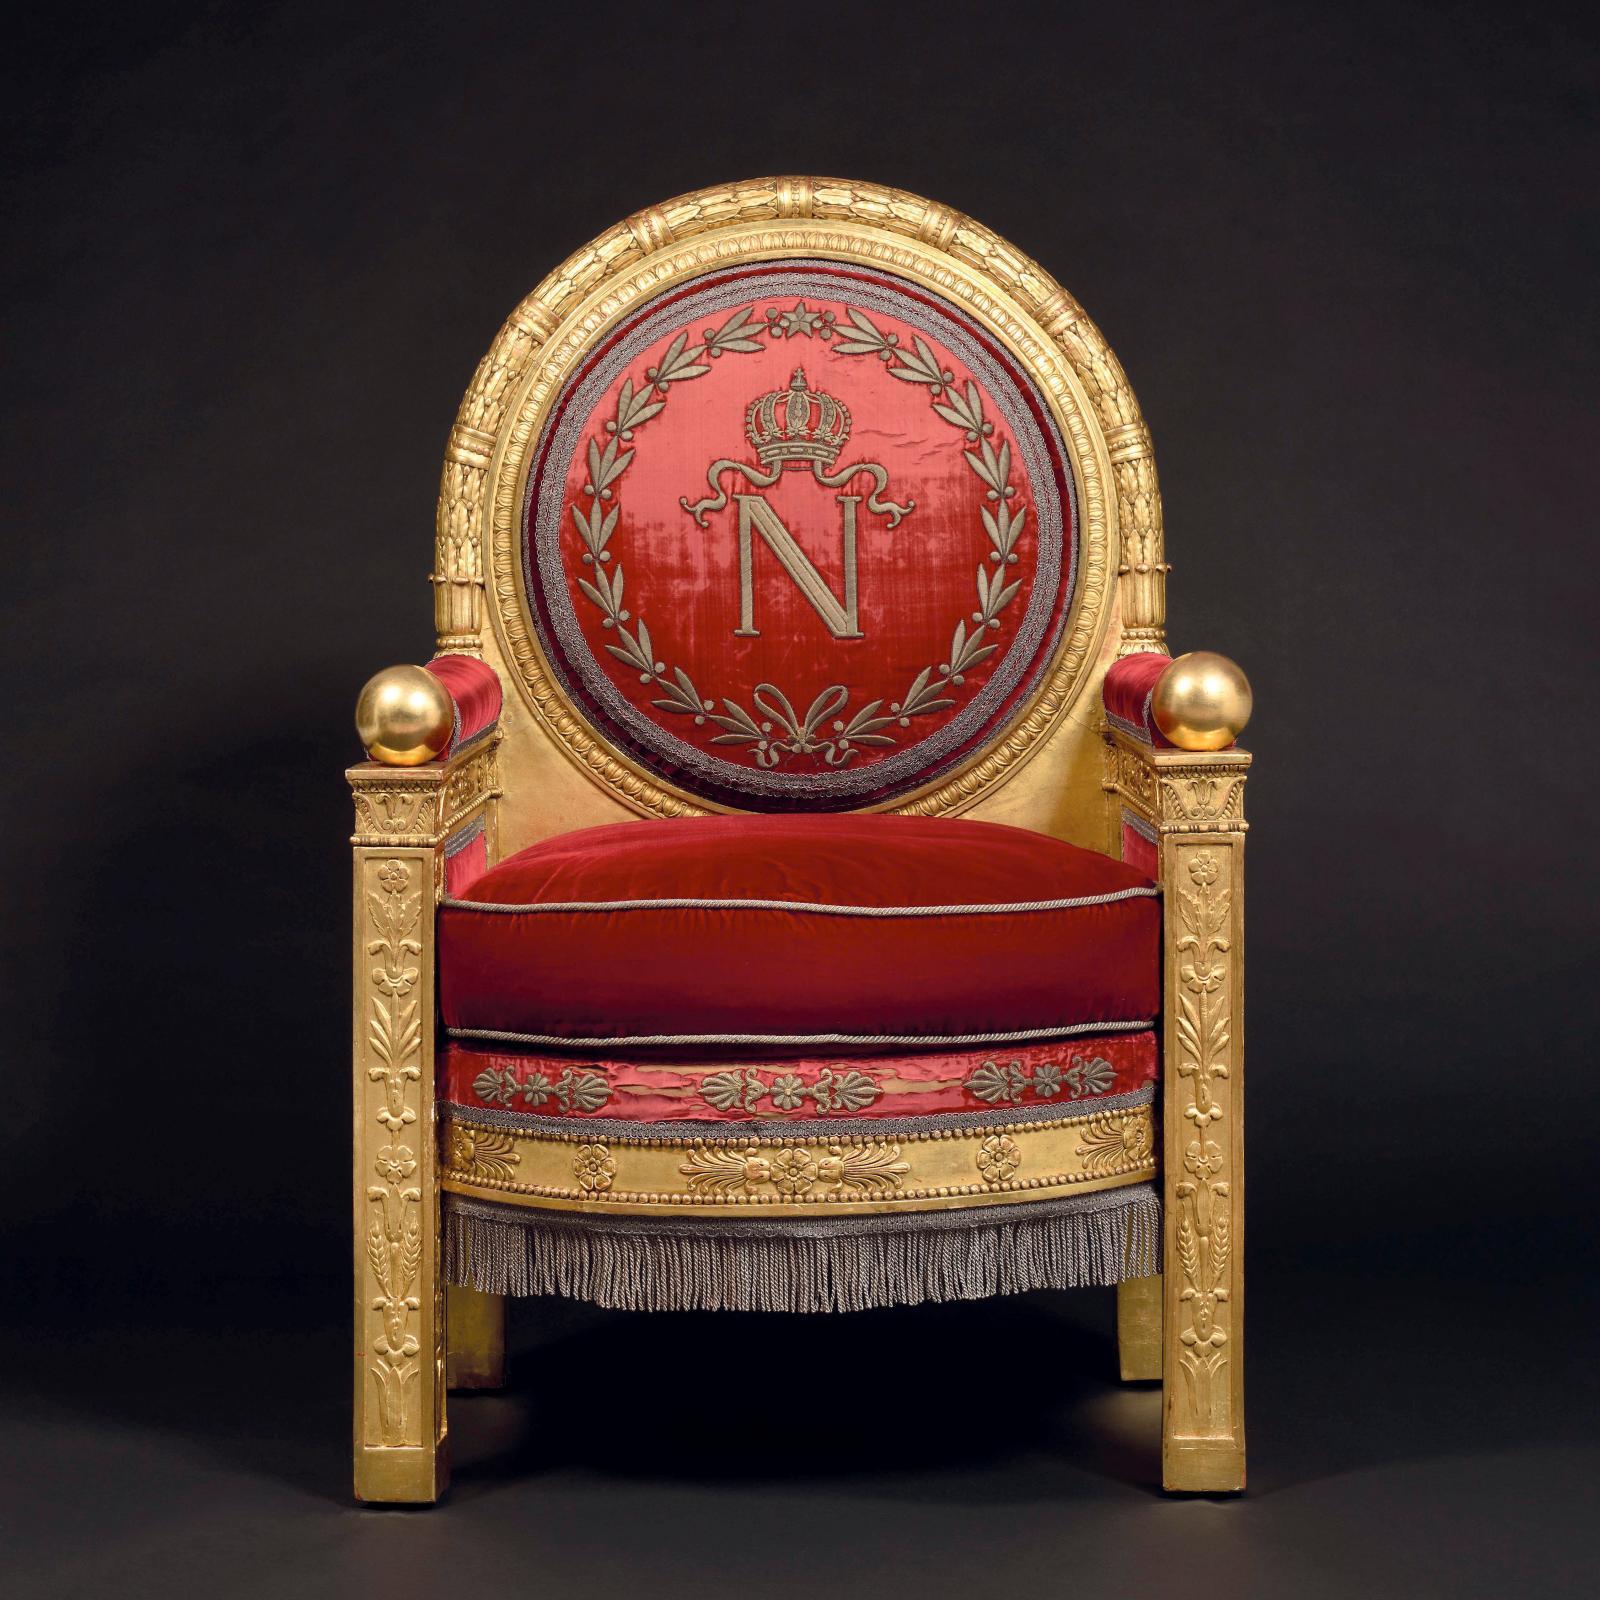 Ce fauteuil de représentation façonné à l'image d'un trône impérial de NapoléonIer, annoncé comme ayant subi des modifications et des restaurations e